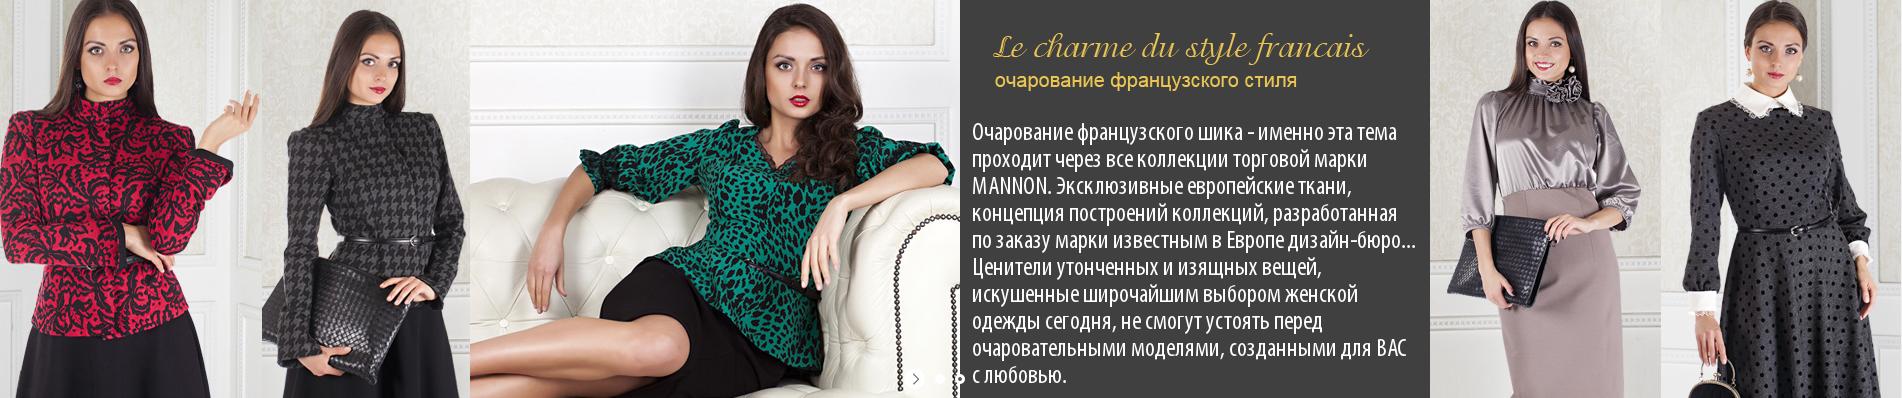 Сбор заказов. Платья Mannon - настоящий французский шик: превосходные ткани, утонченный дизайн, выполненный в европейском дизайн-бюро - 2 выкуп